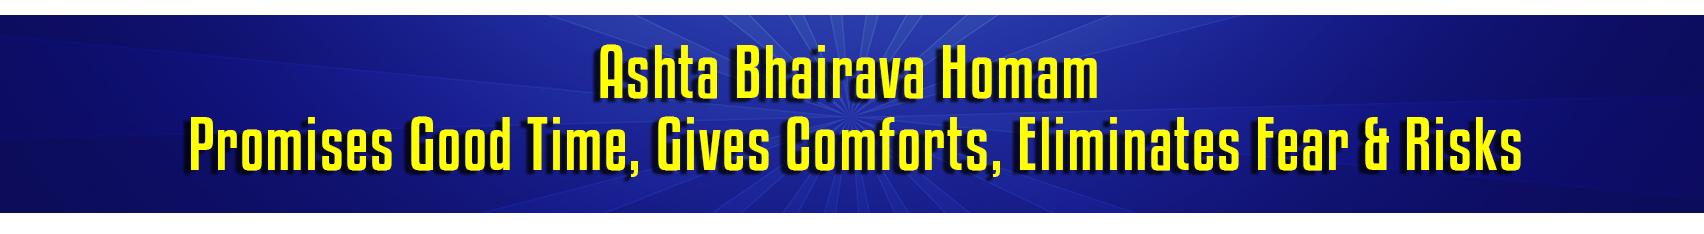 Ashta Bhairava Significance